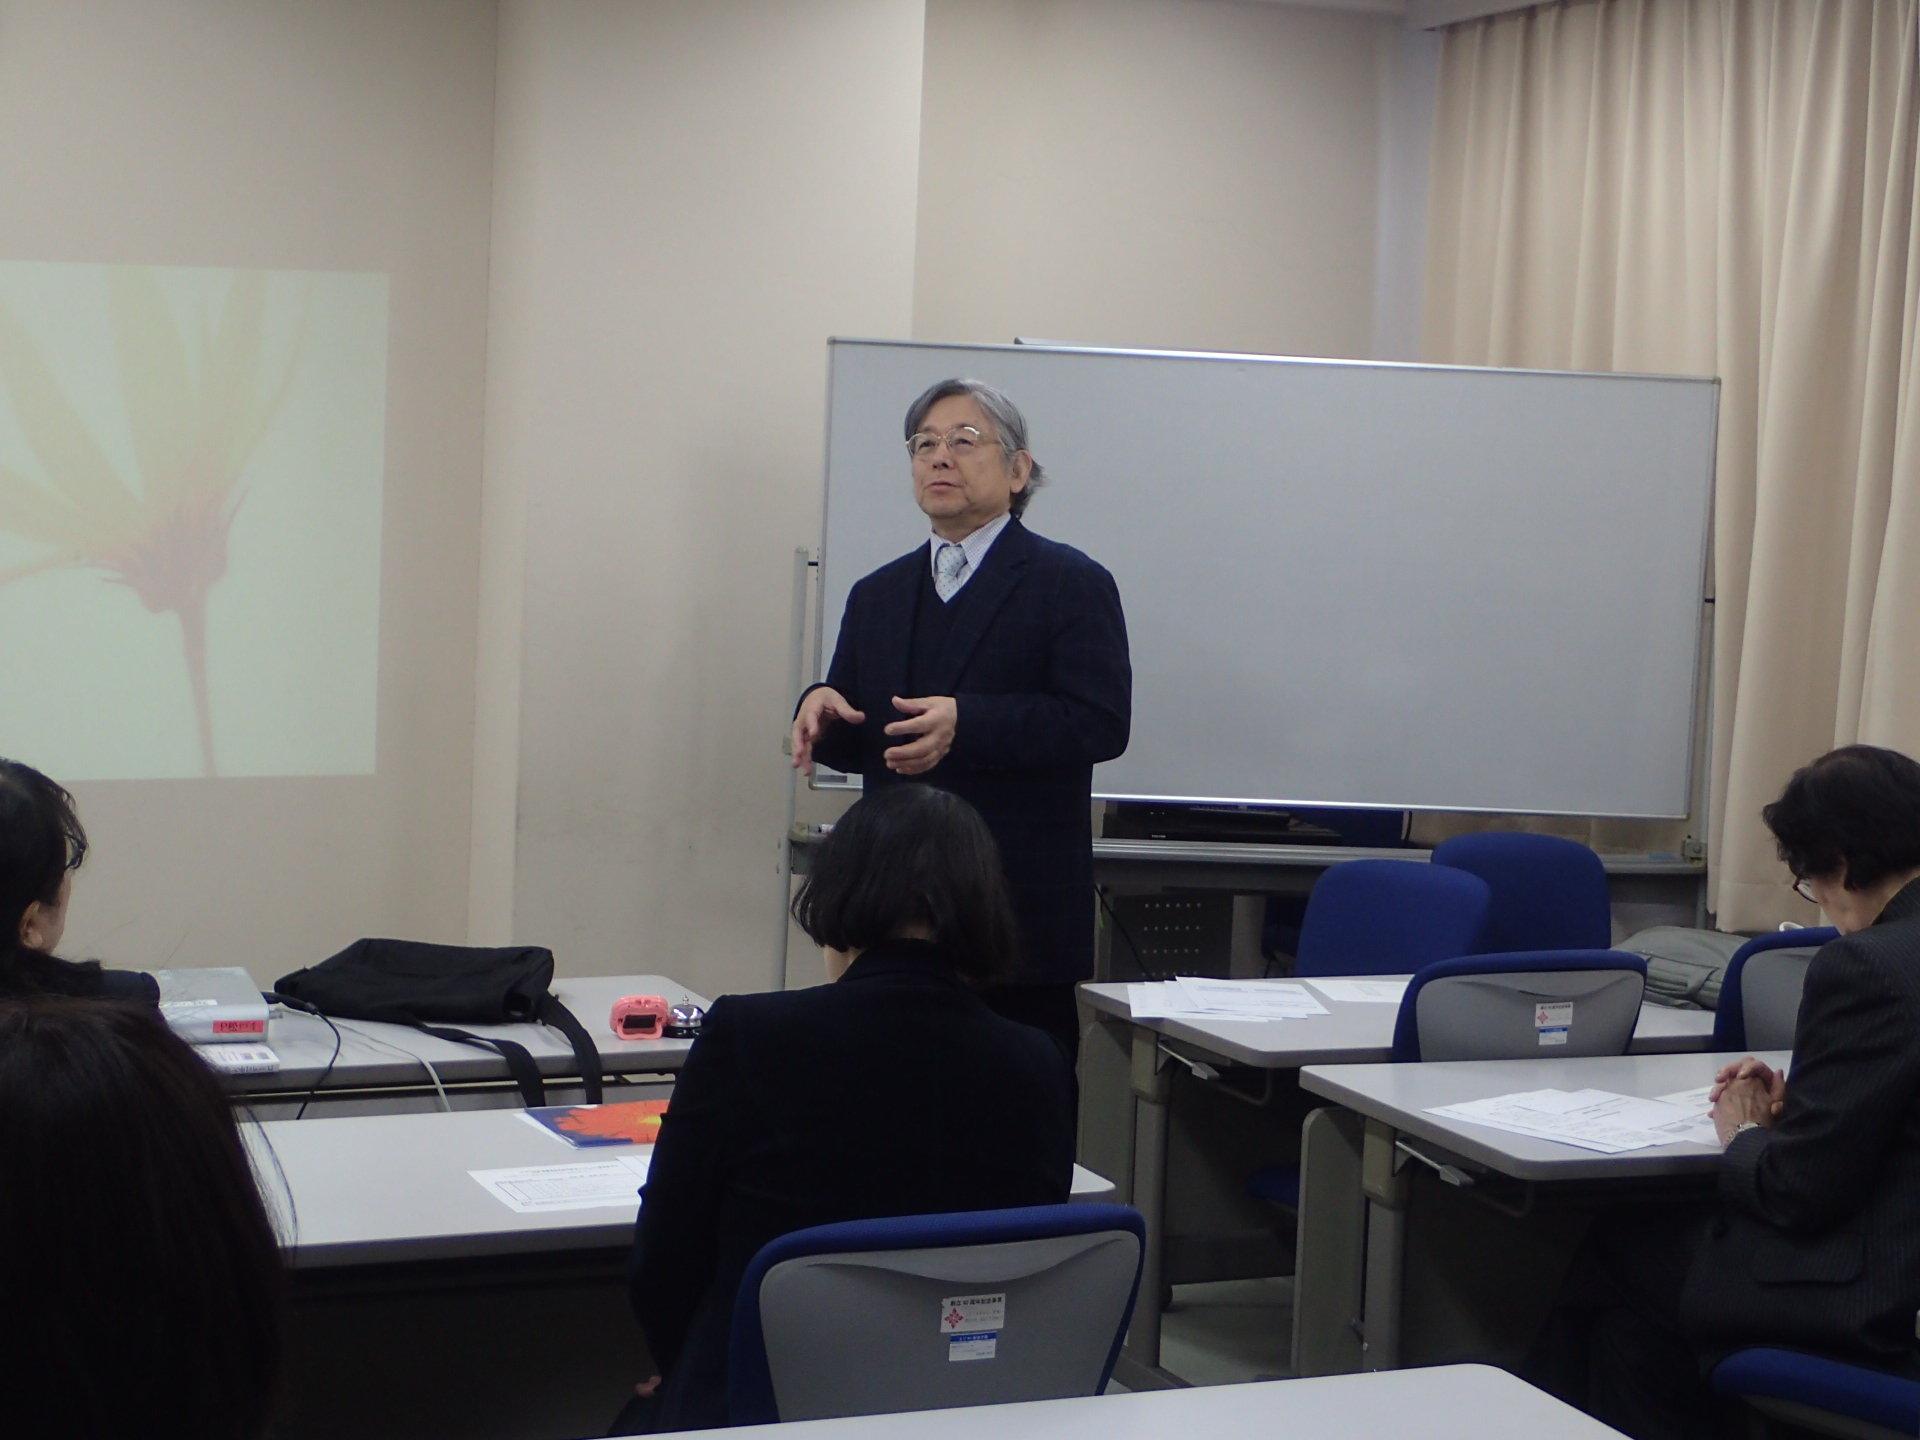 幼児教育コース「課題研究プレ構想発表会」が開催されました。